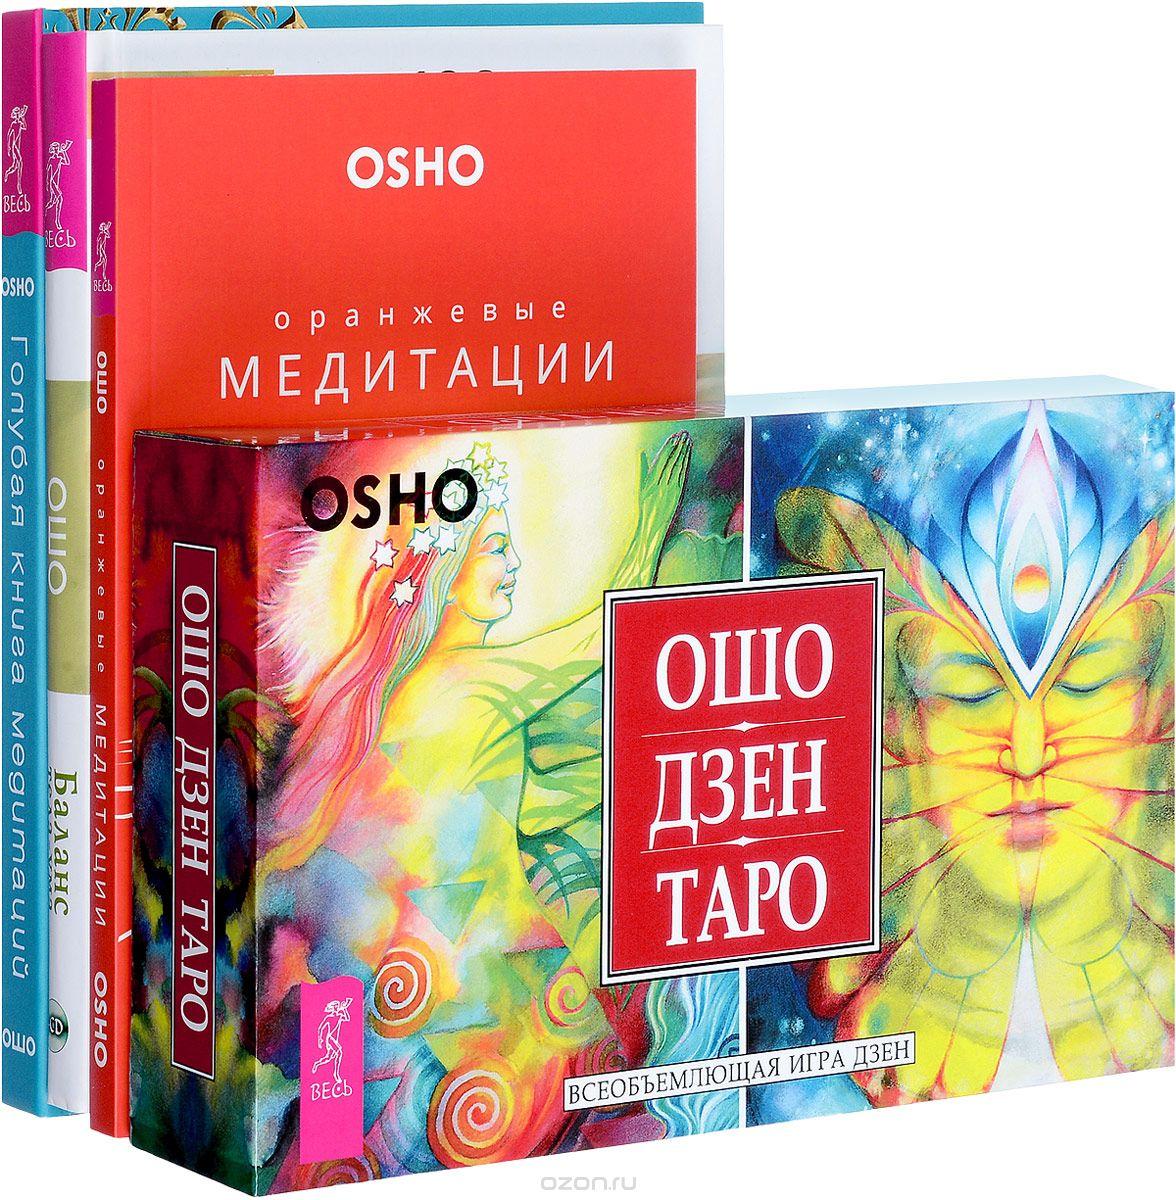 Раджниш Ошо: Баланс тела - ума. Оранжевые медитации. Голубая книга медитаций. Ошо Дзен Таро (комплект из 4 книг + 79 карт)